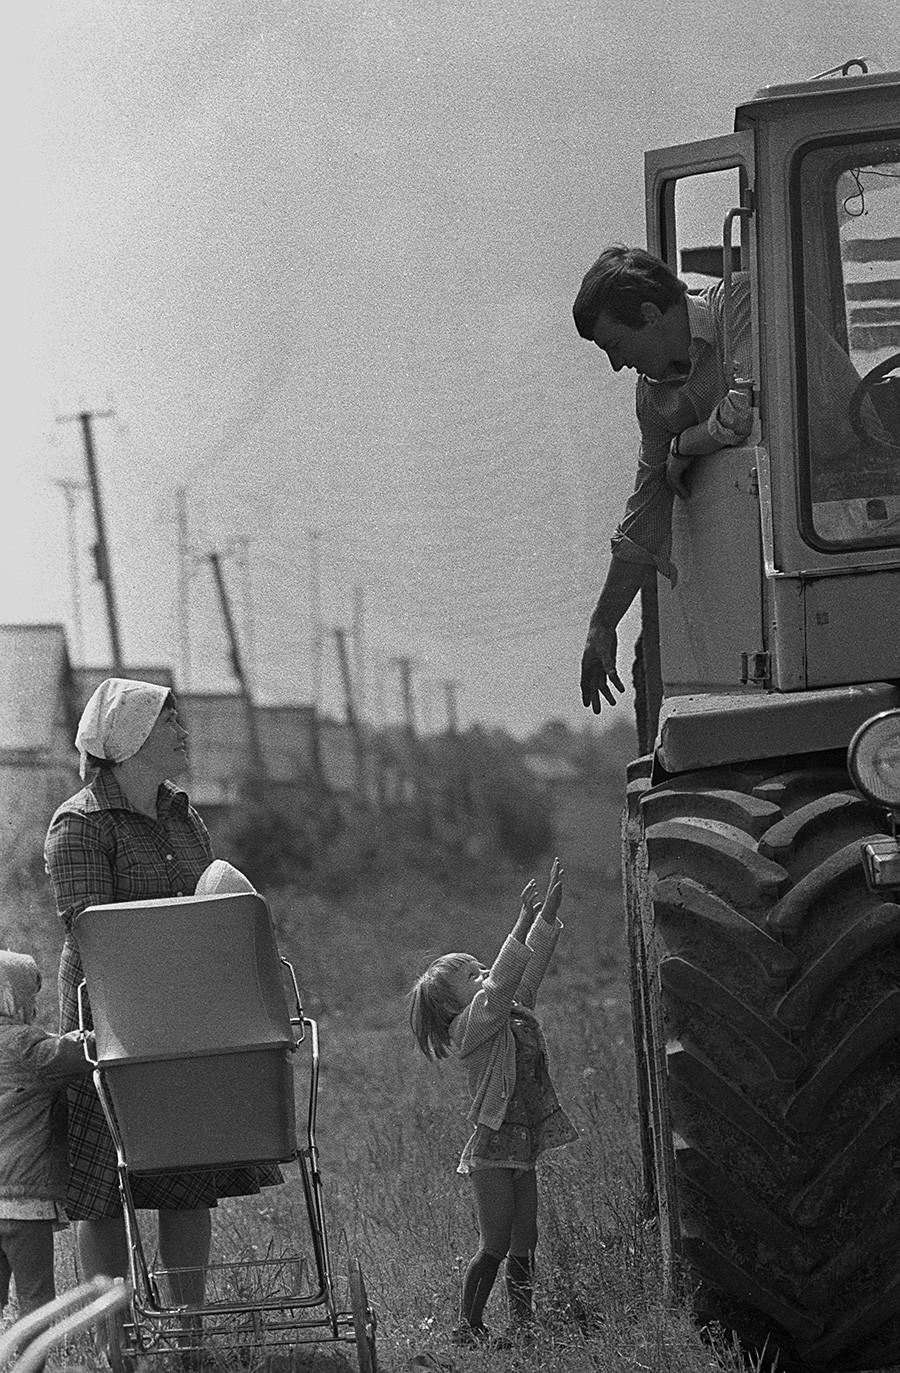 Maschinenführer einer weißrussischen Kollektivfarm kehrt 1987 vom Feld nach Hause zurück